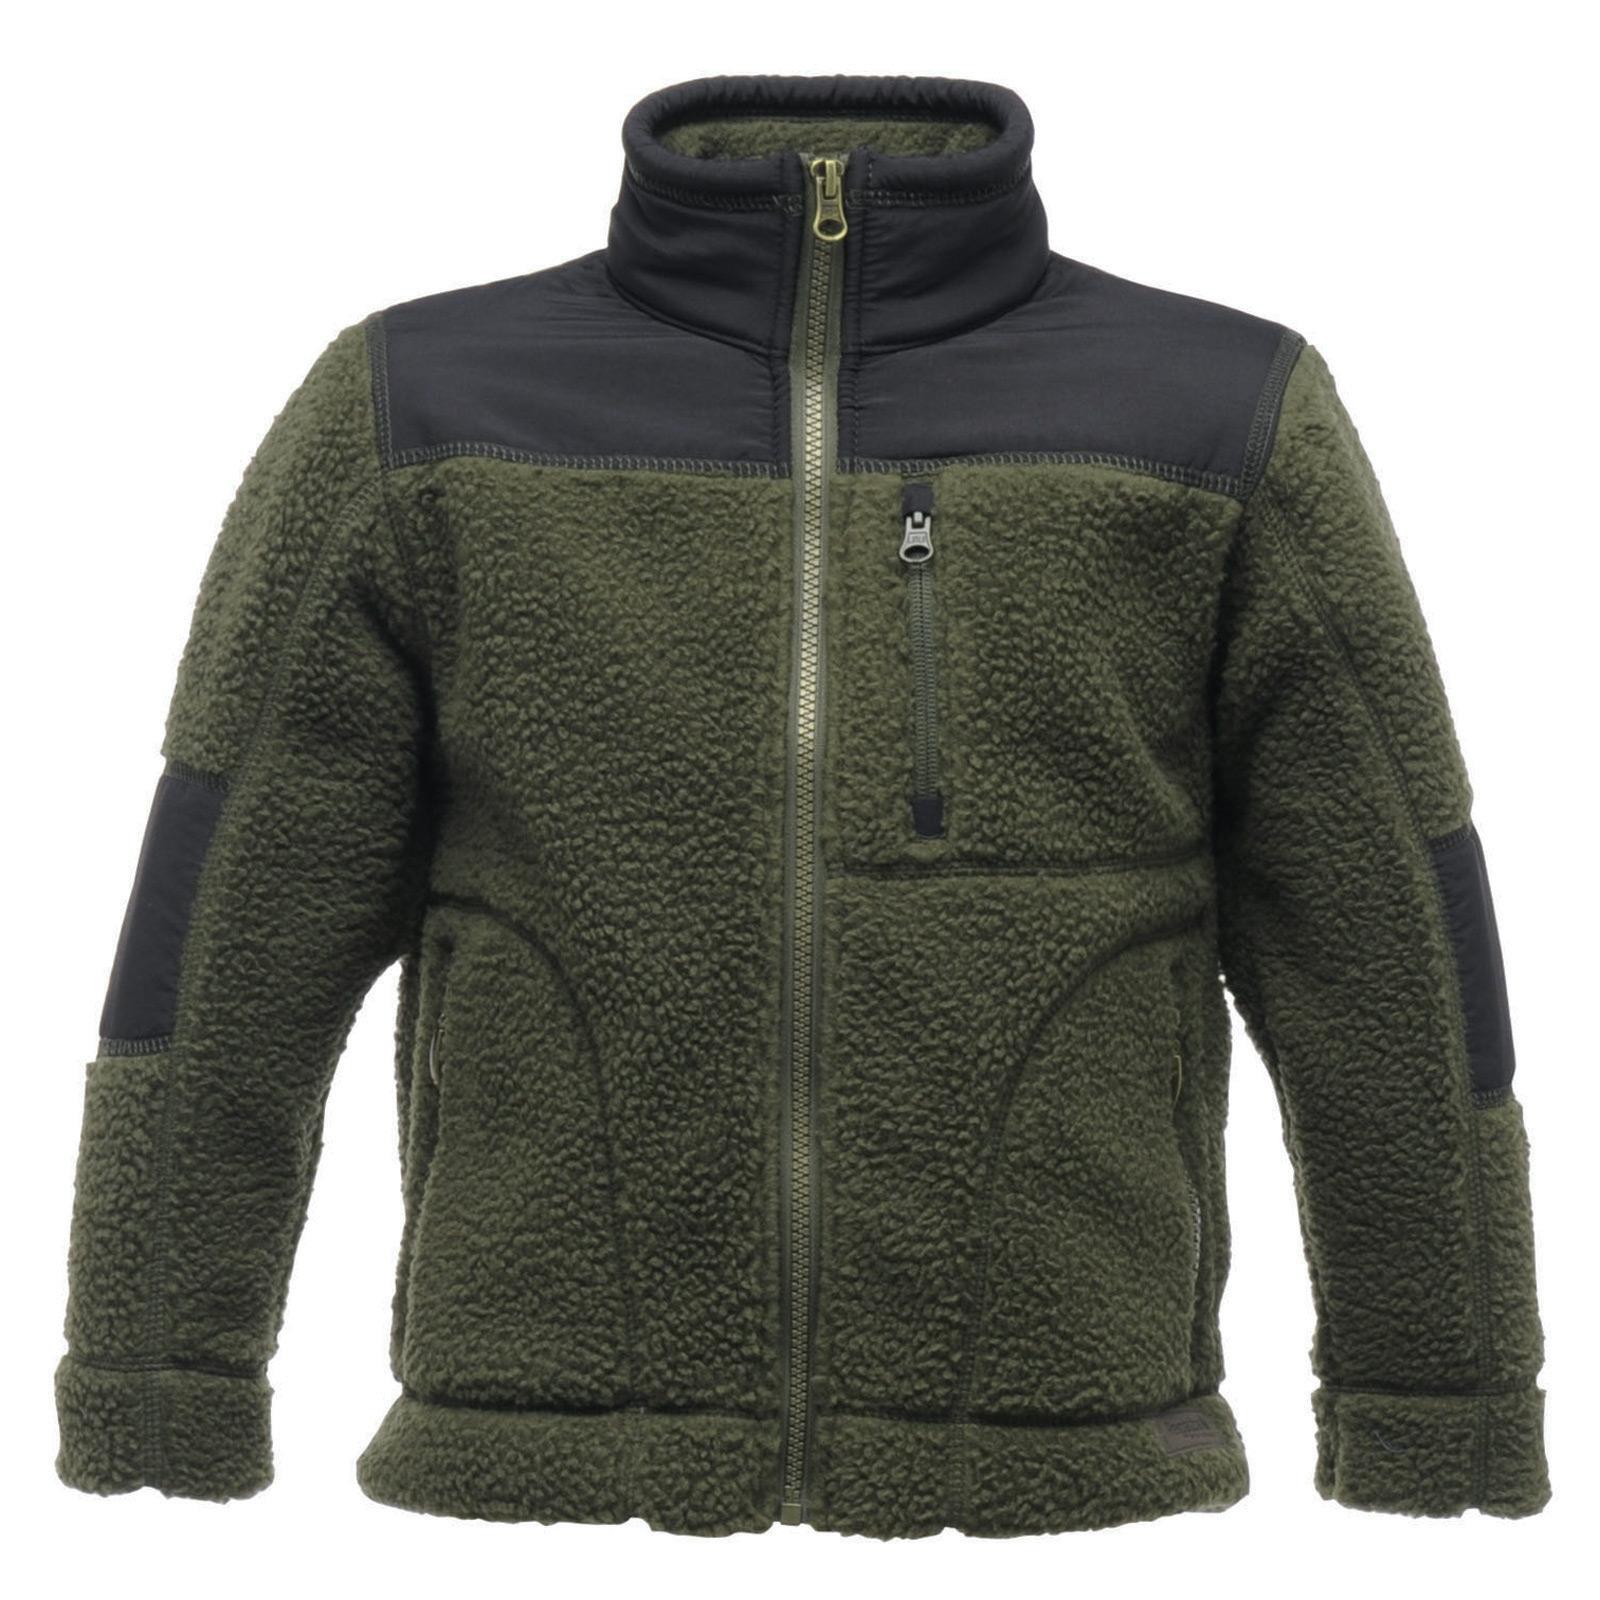 Regatta Childrens Volt Chunky Fleece Jacket Zip Up Top Outdoor